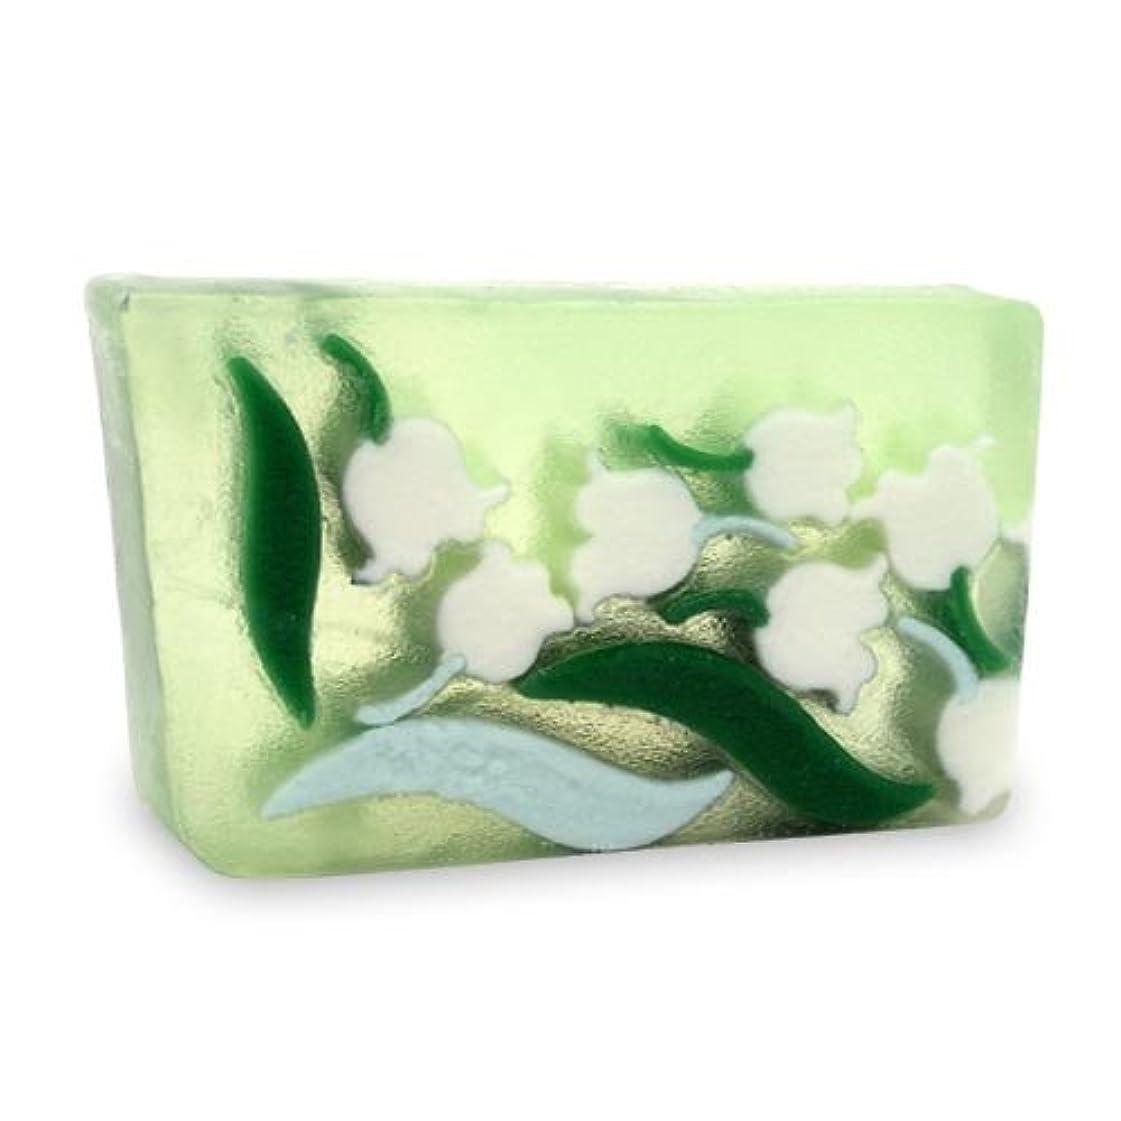 粘り強い粘性の私達プライモールエレメンツ アロマティック ソープ ユリ 180g 植物性 ナチュラル 石鹸 無添加